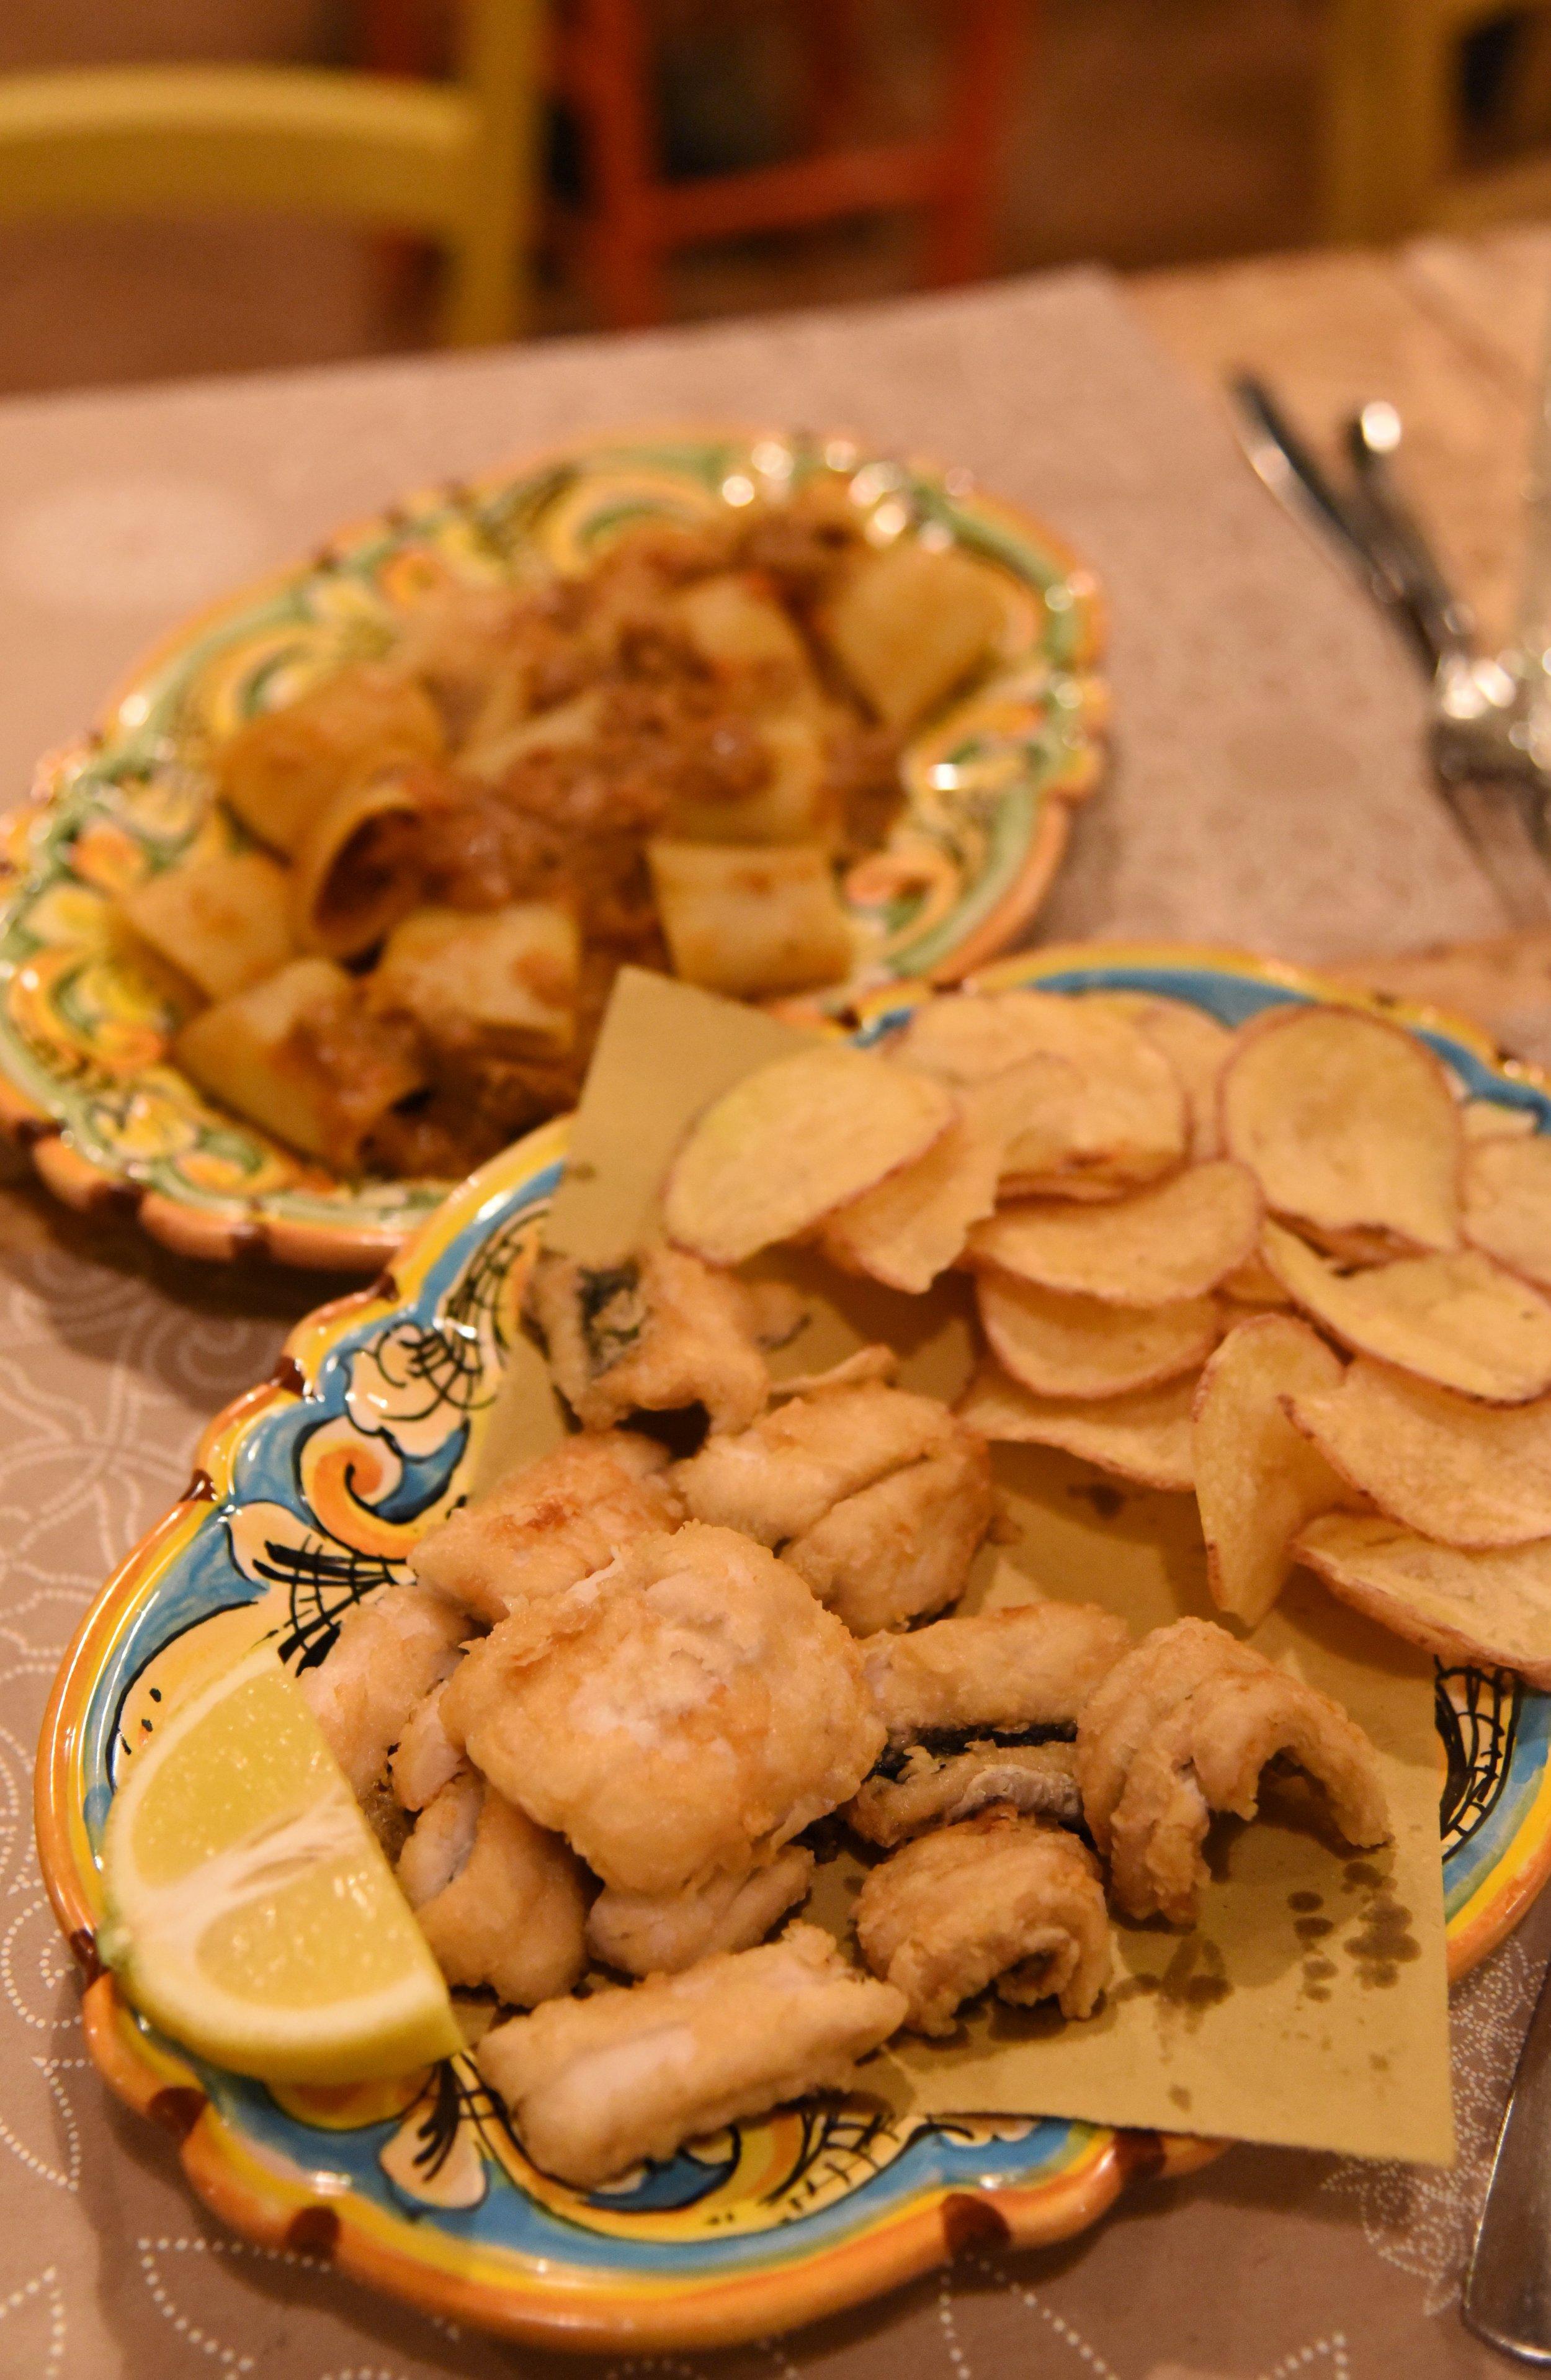 Spatula fried paddle fish